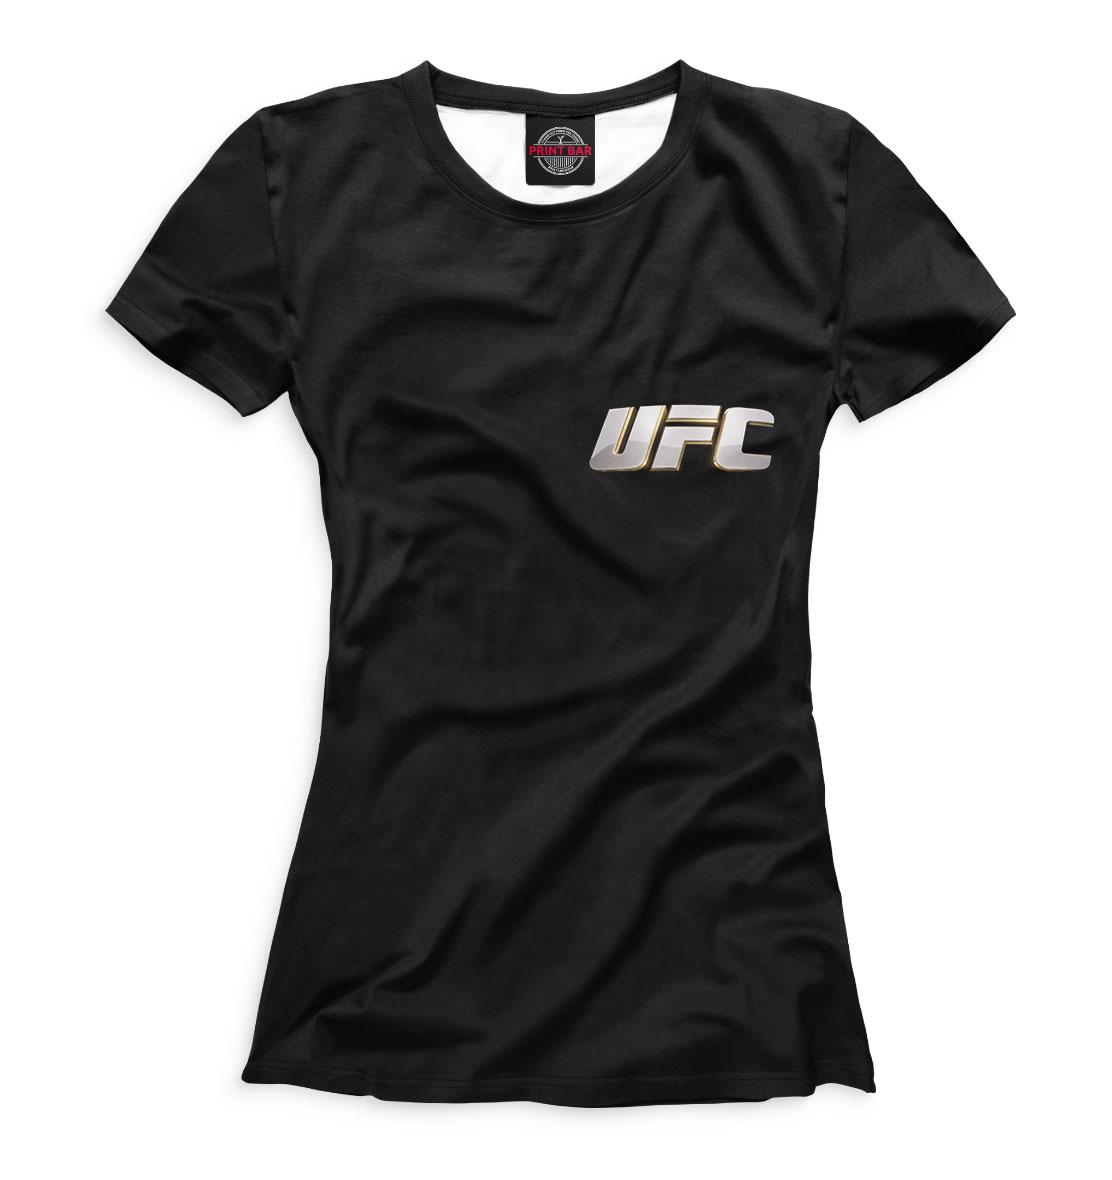 Купить UFC, Printbar, Футболки, MNU-334626-fut-1